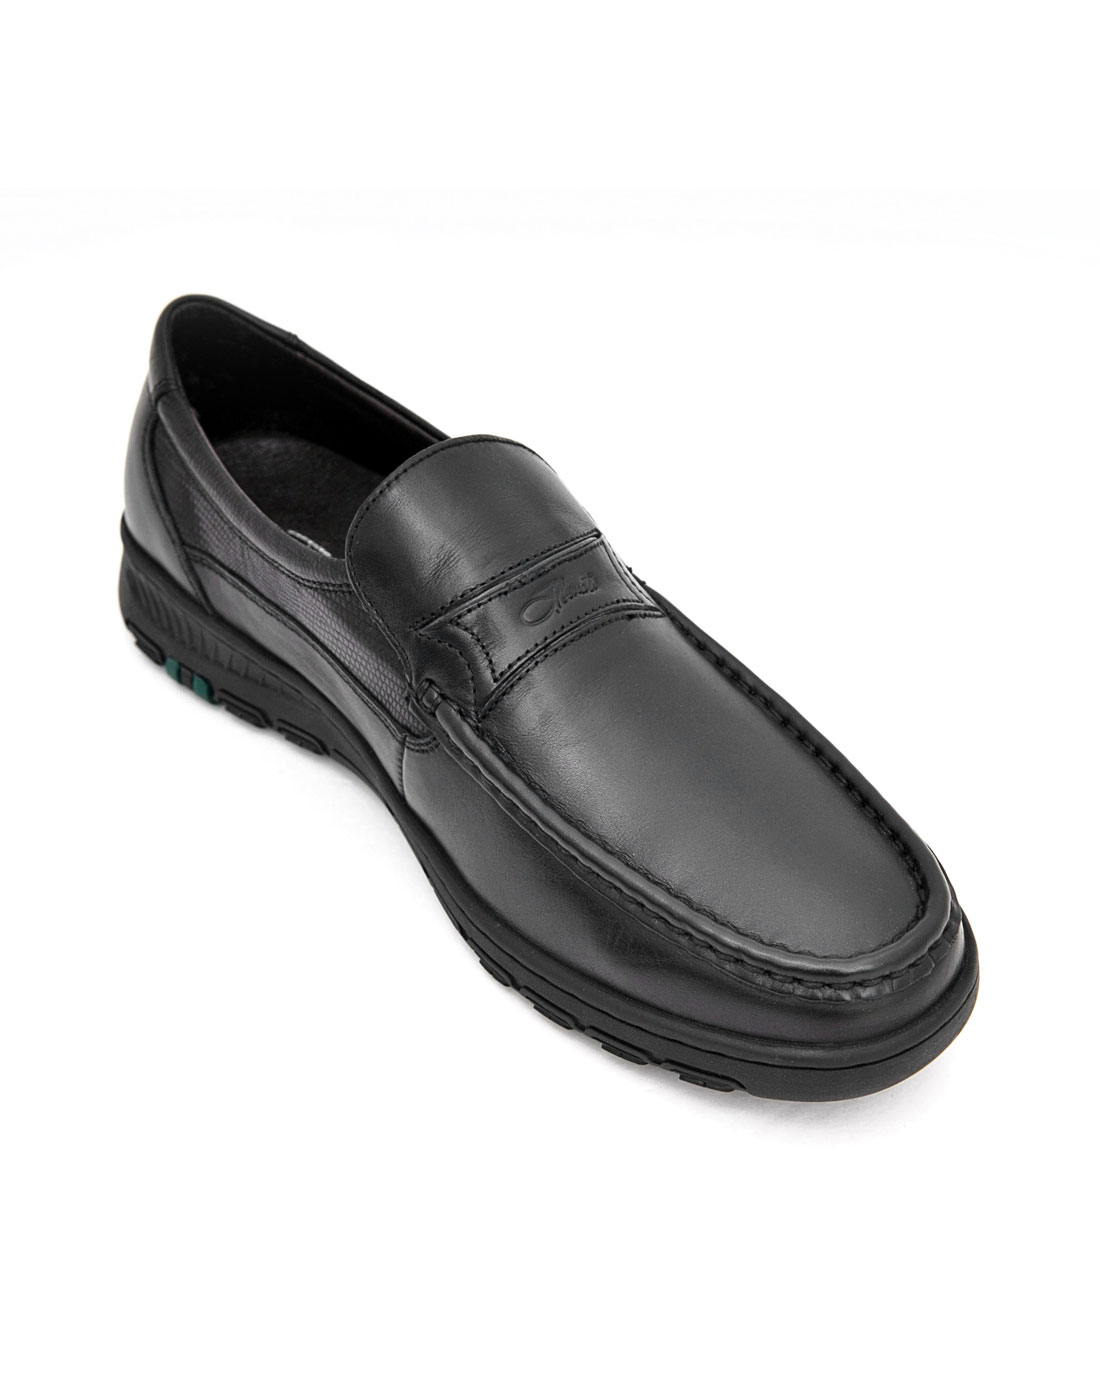 benato黑色商务休闲男鞋om23131a1001